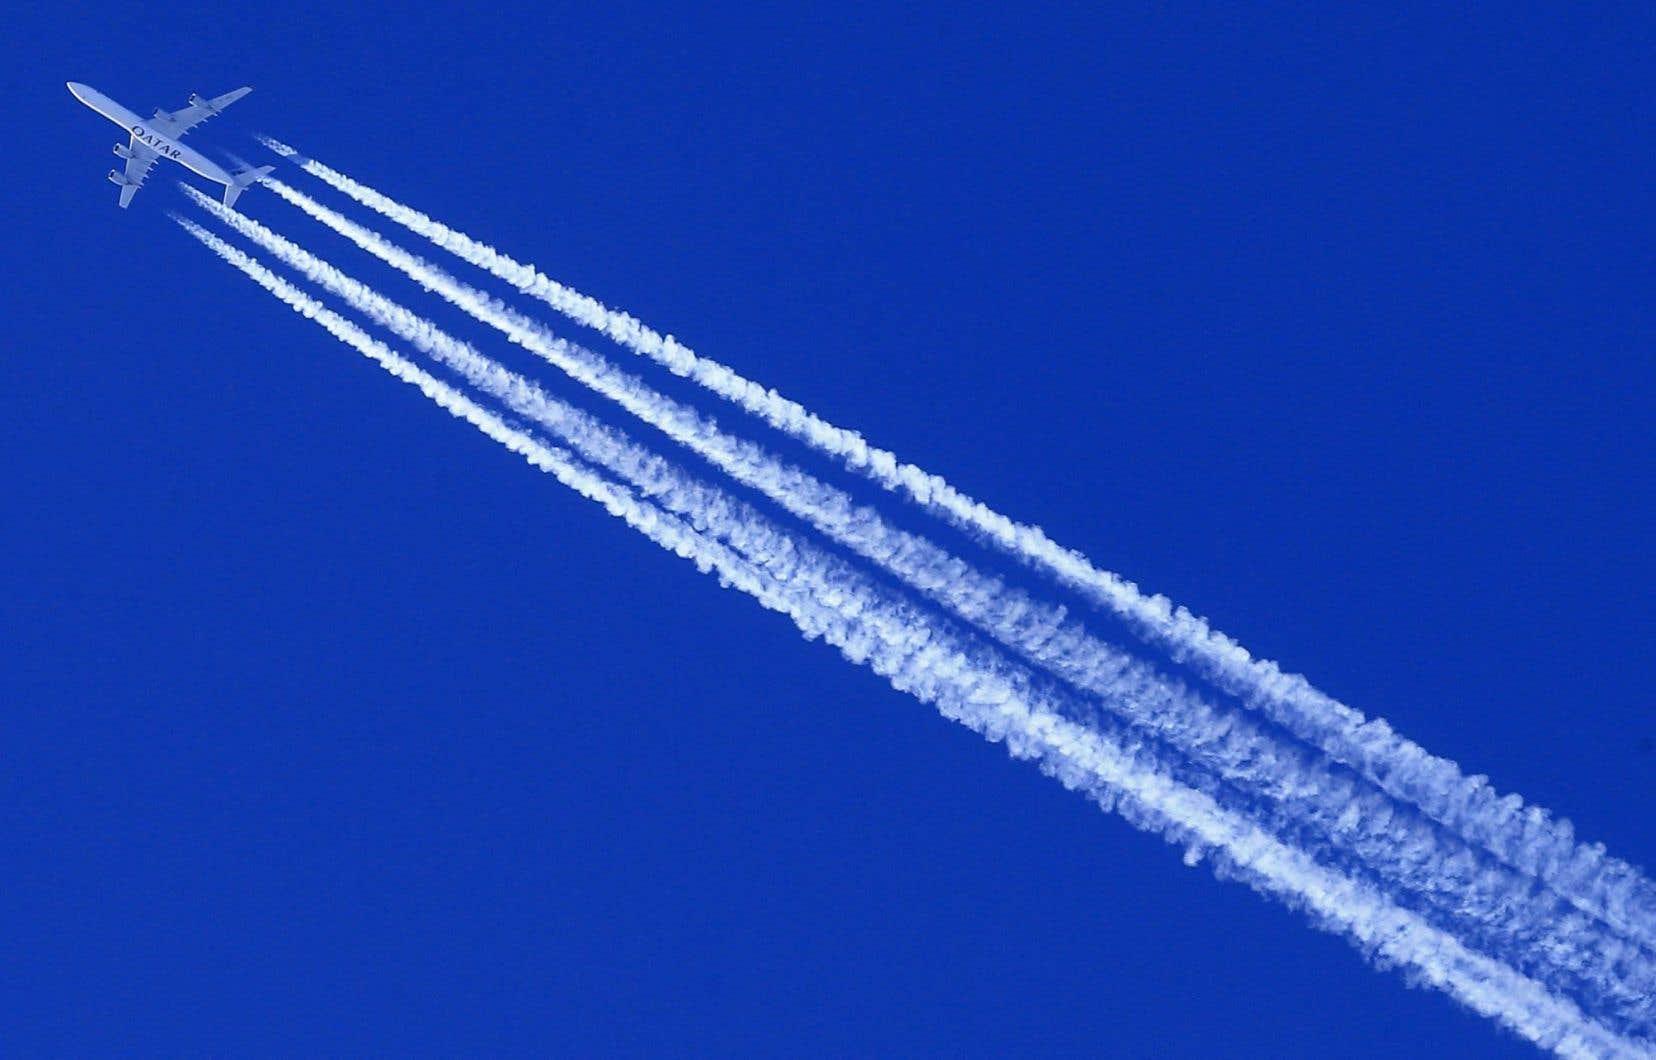 Un avion laisse derrière lui de longues lignes blanches dans le ciel, un phénomène physique connu depuis longtemps. Pour les partisans de la théorie du complot toutefois, l'avion vide derrière lui une mystérieuse substance «chimique».